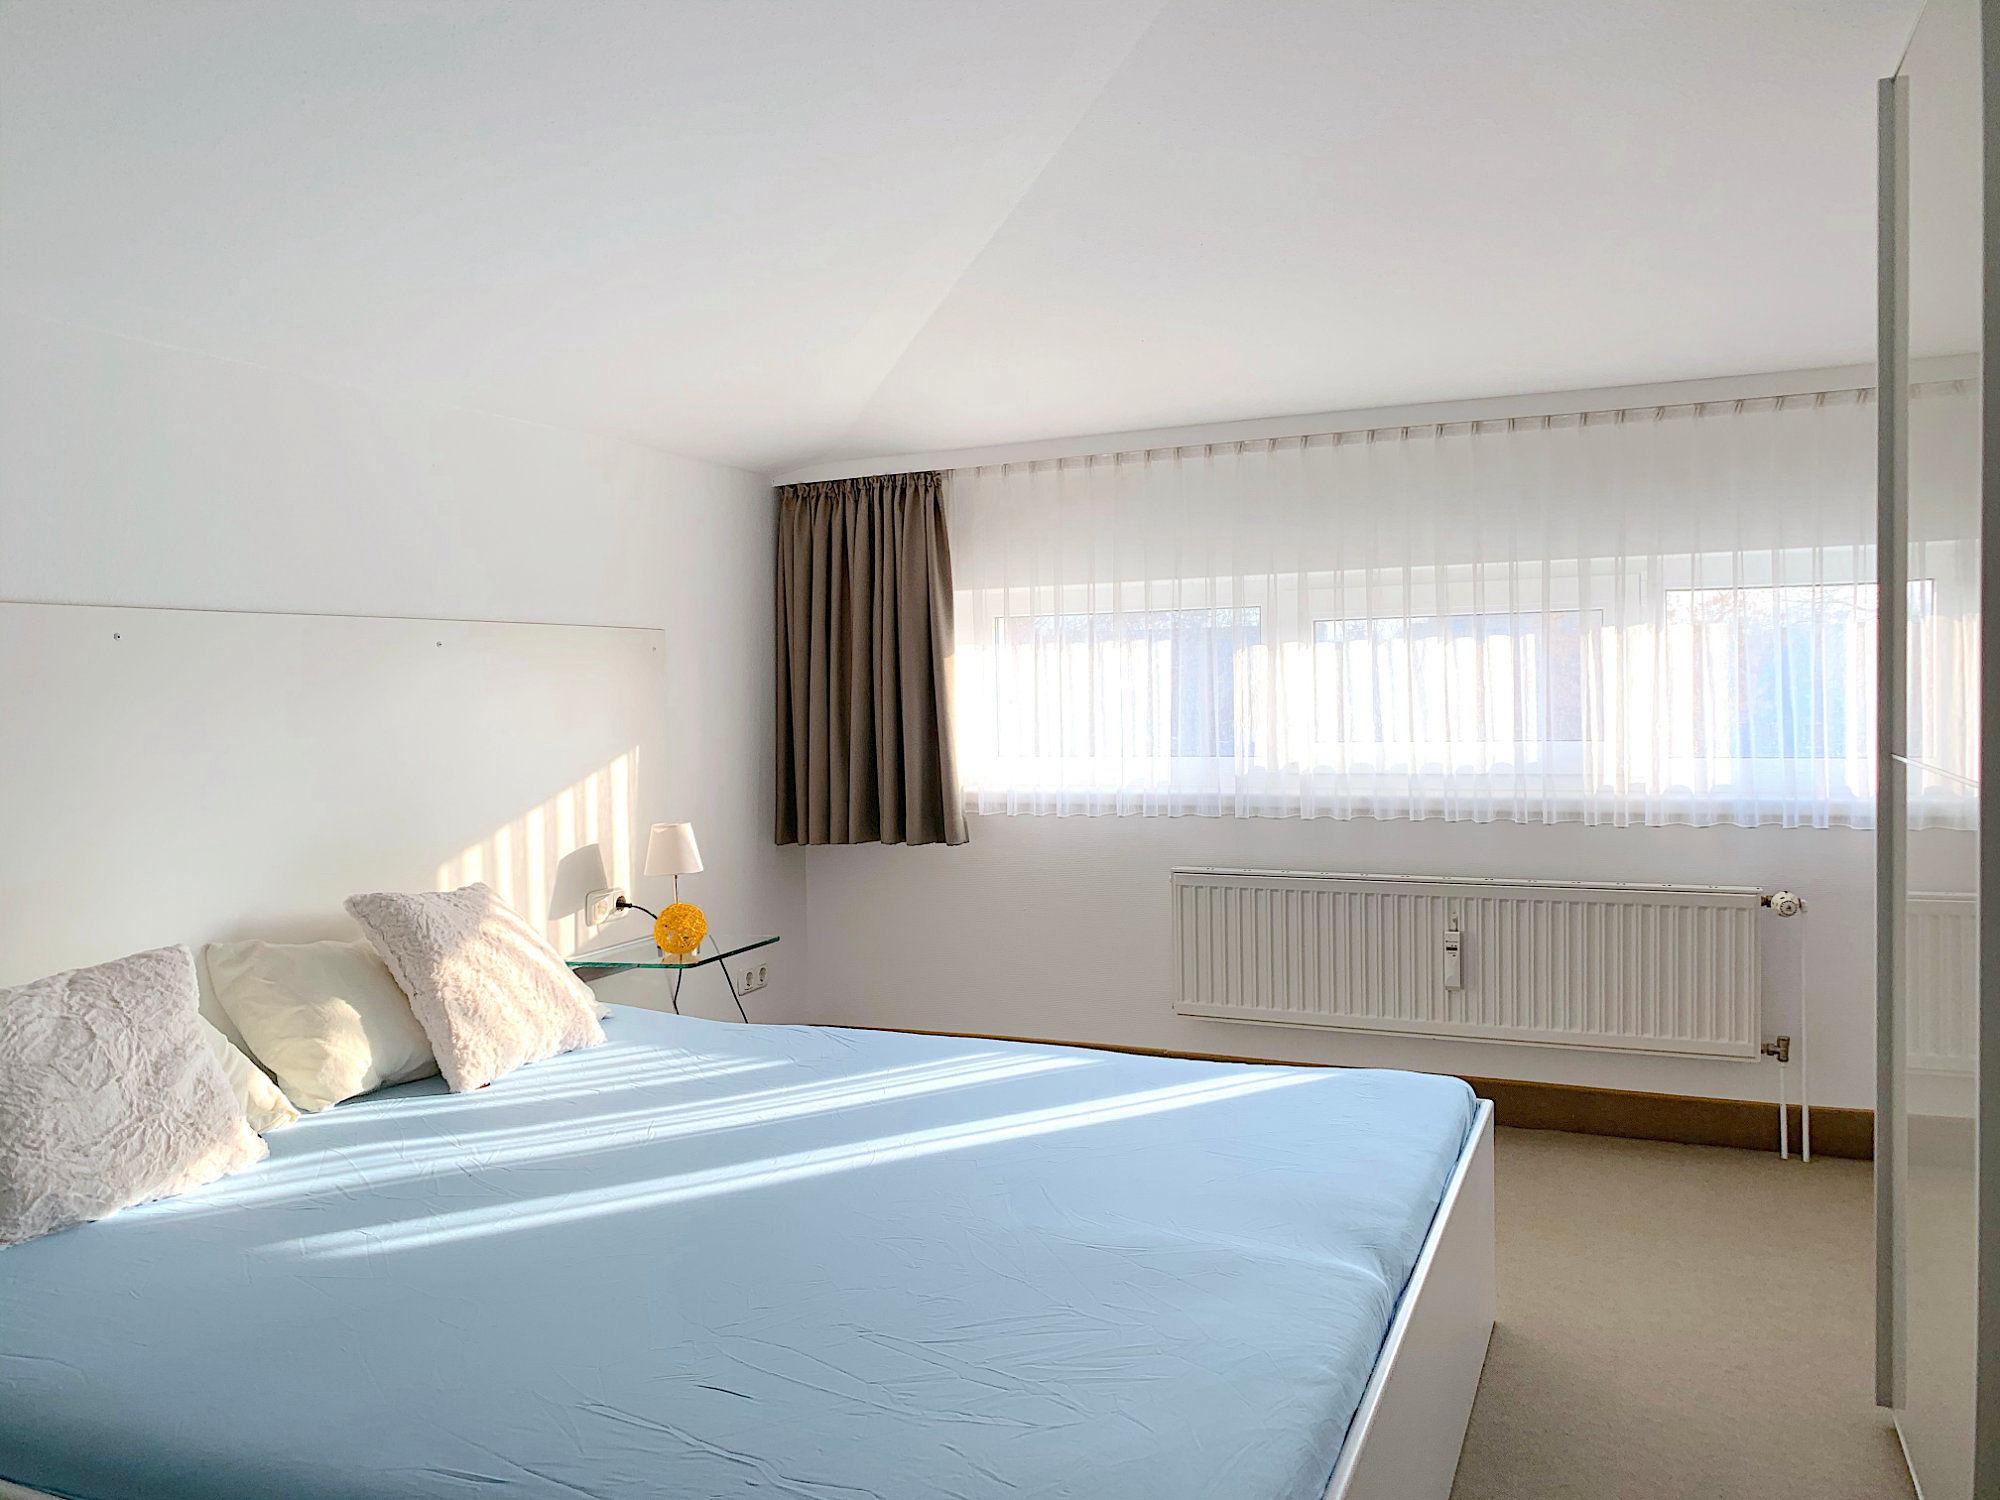 Schlafzimmer mit Doppelbett, dahinter ein breites Fenster